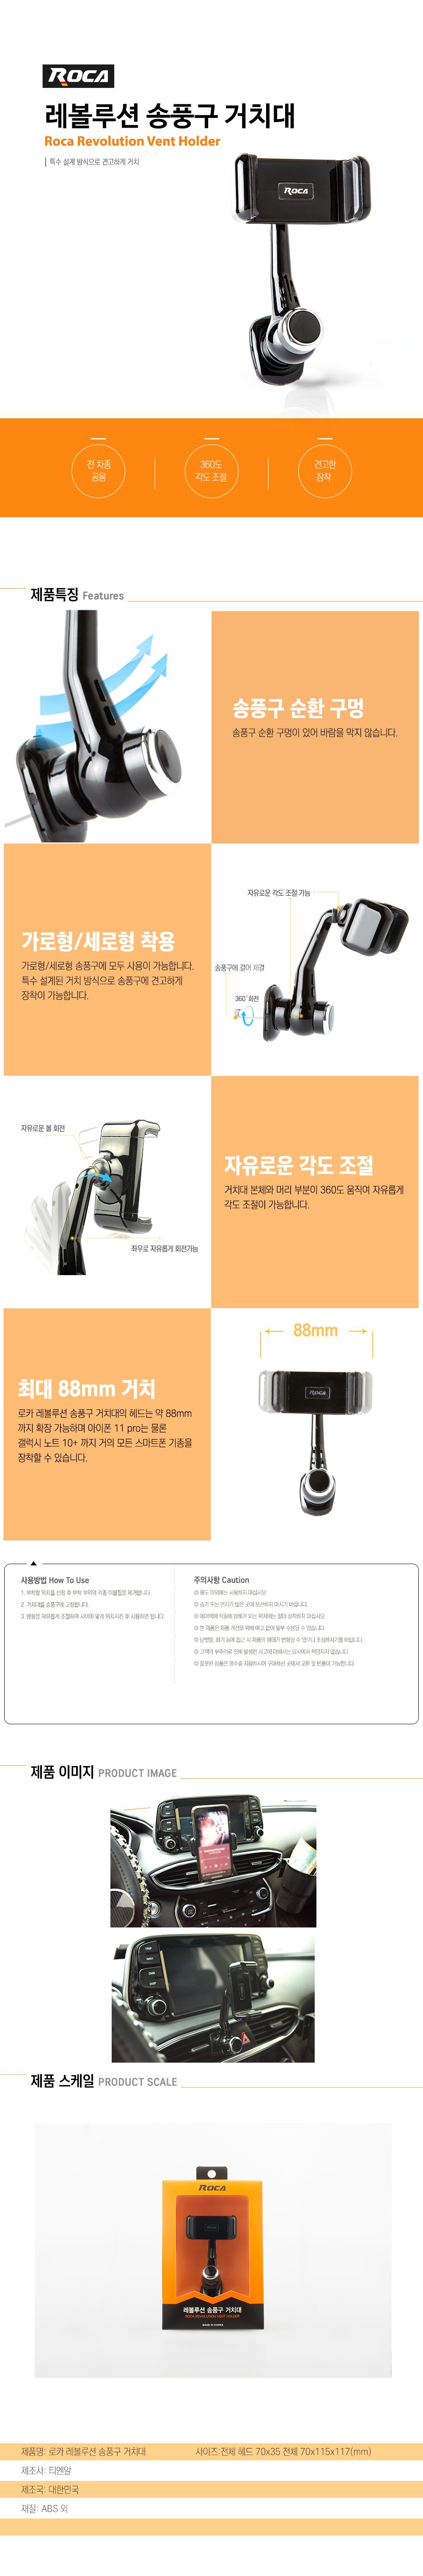 070.로카 레볼루션 송풍구 거치대 수정.png